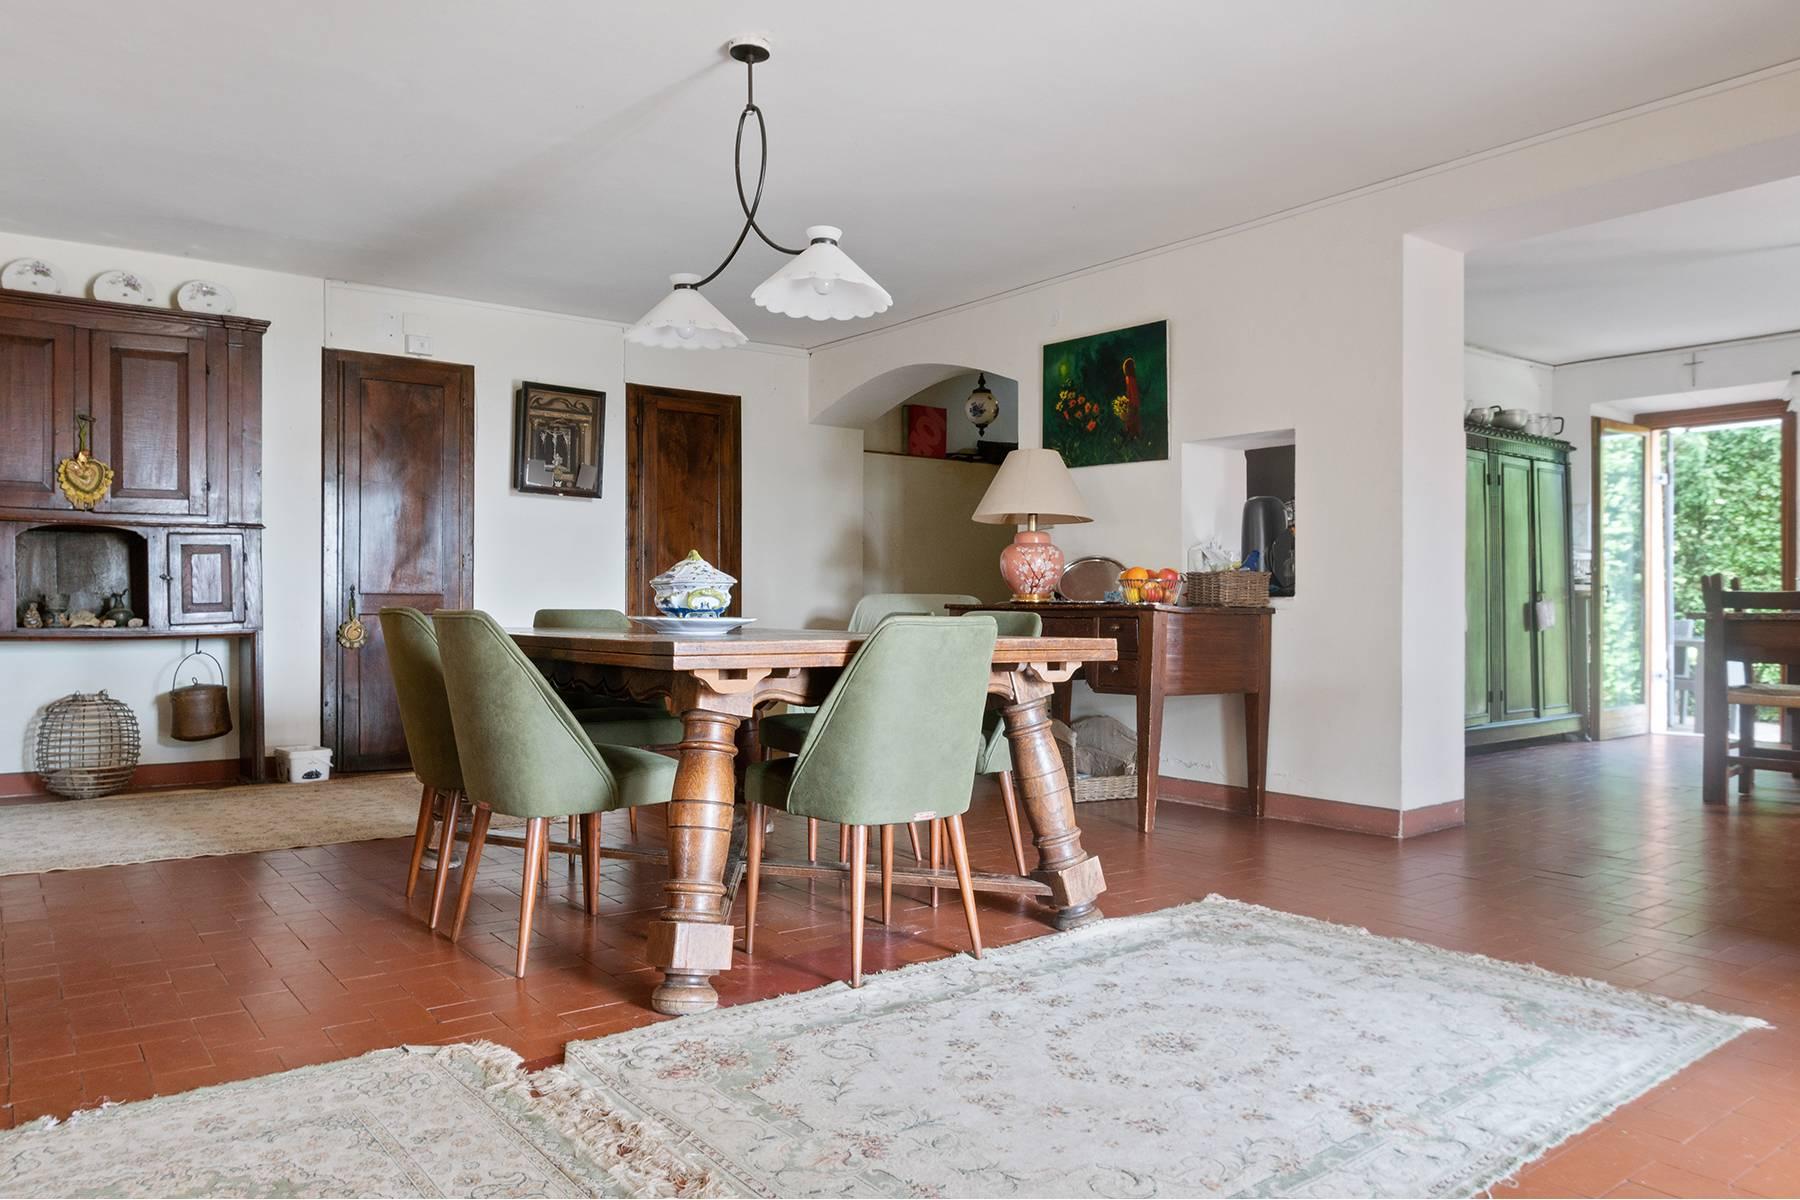 Villa in Vendita a Fiorano Modenese: 5 locali, 470 mq - Foto 11